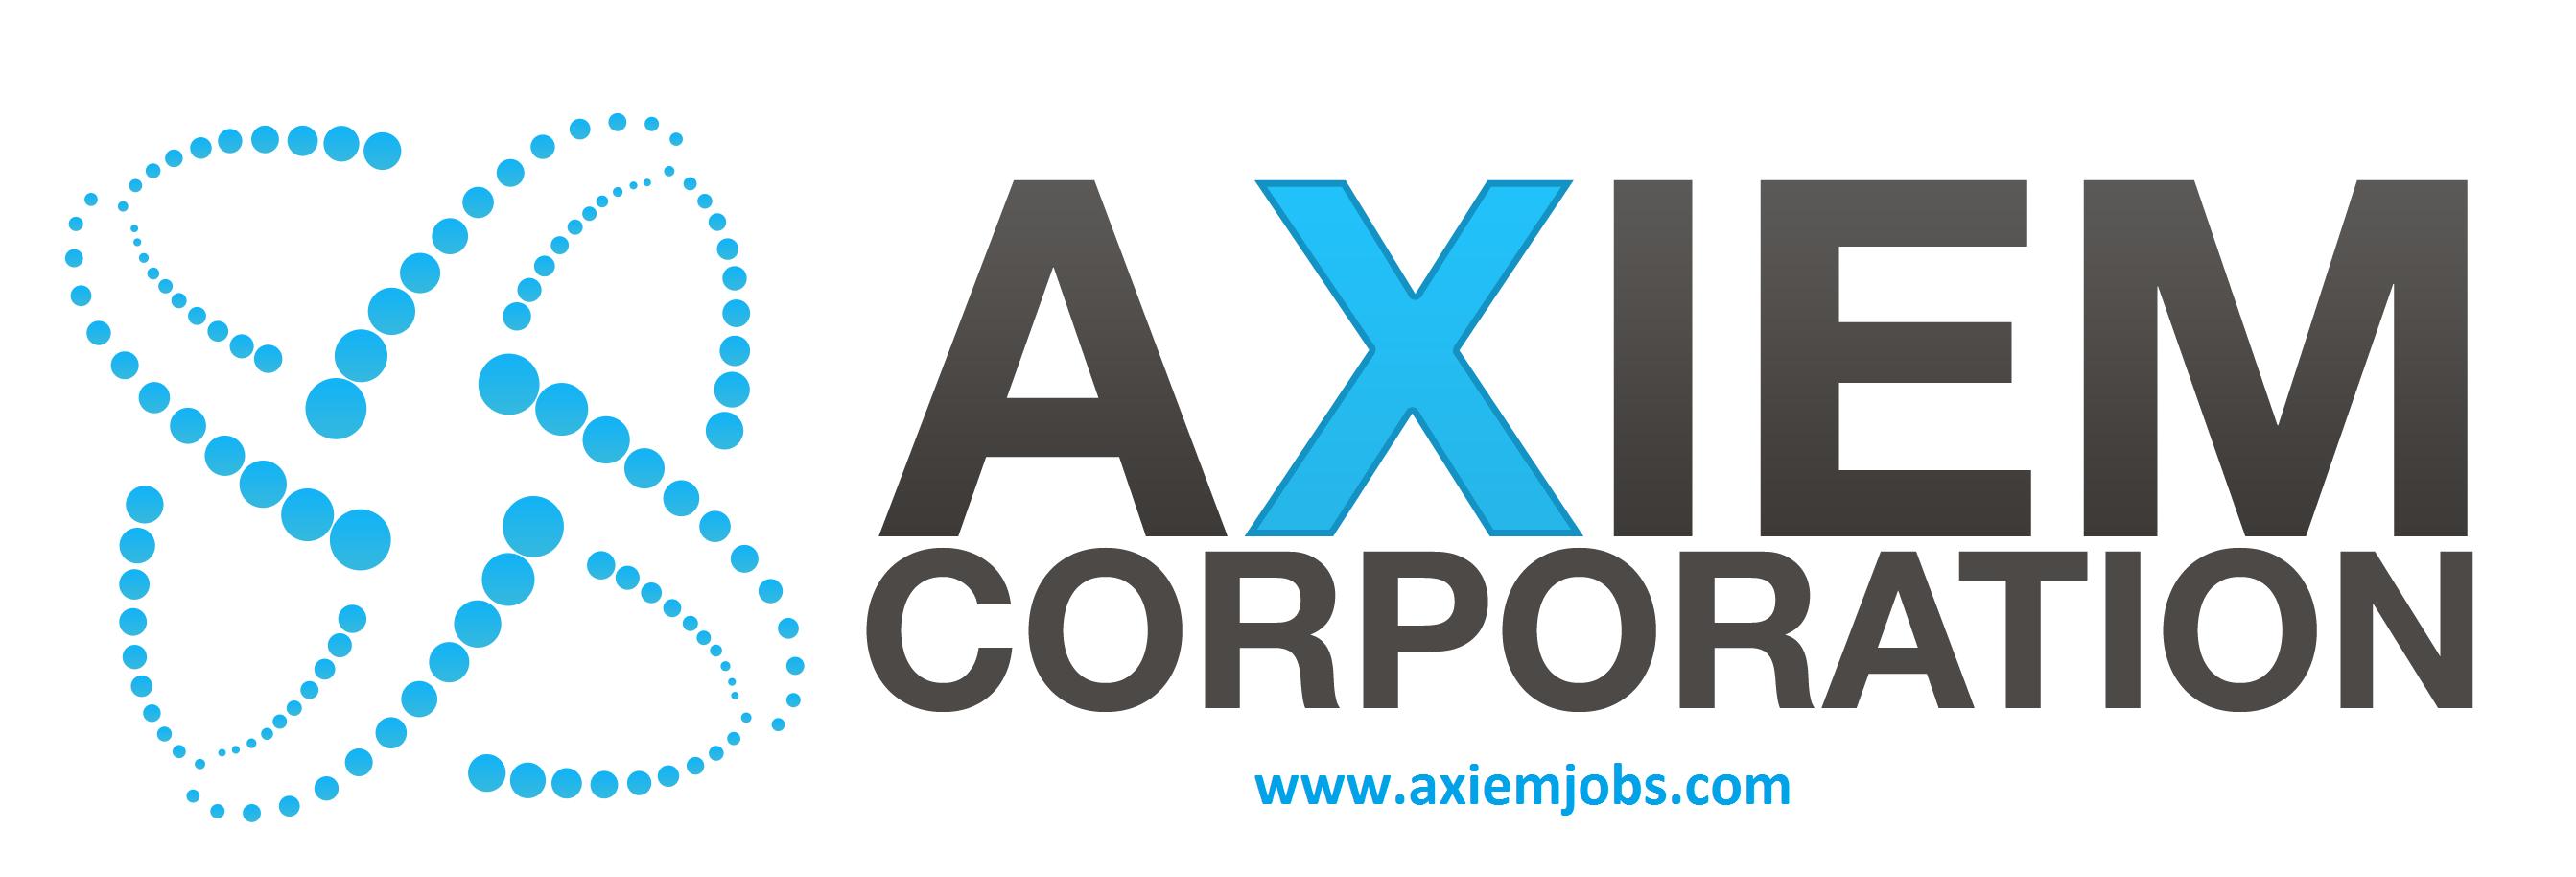 axiem-corporationphotos-1